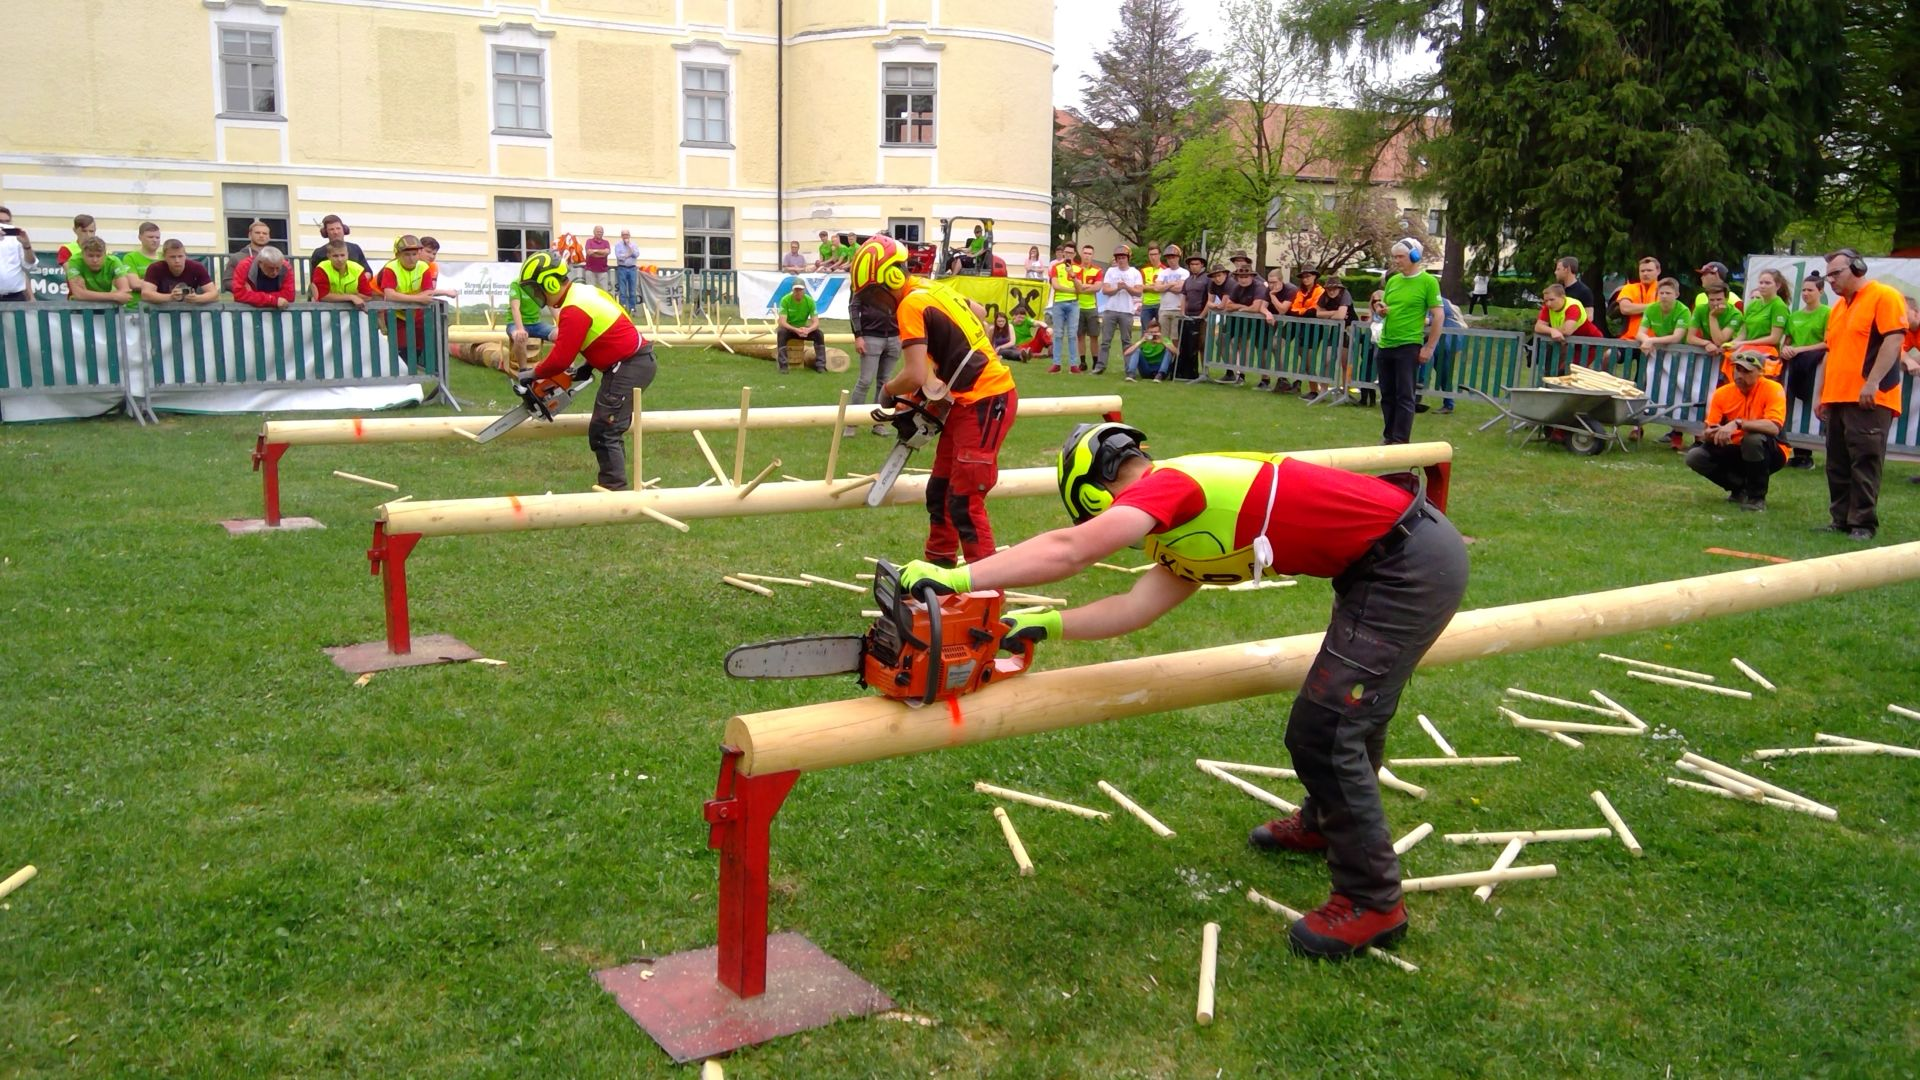 Schüler der HBLA Bruck/Mur duellieren sich bei den Waldsportwettbewerben 2019 beim Entasten.